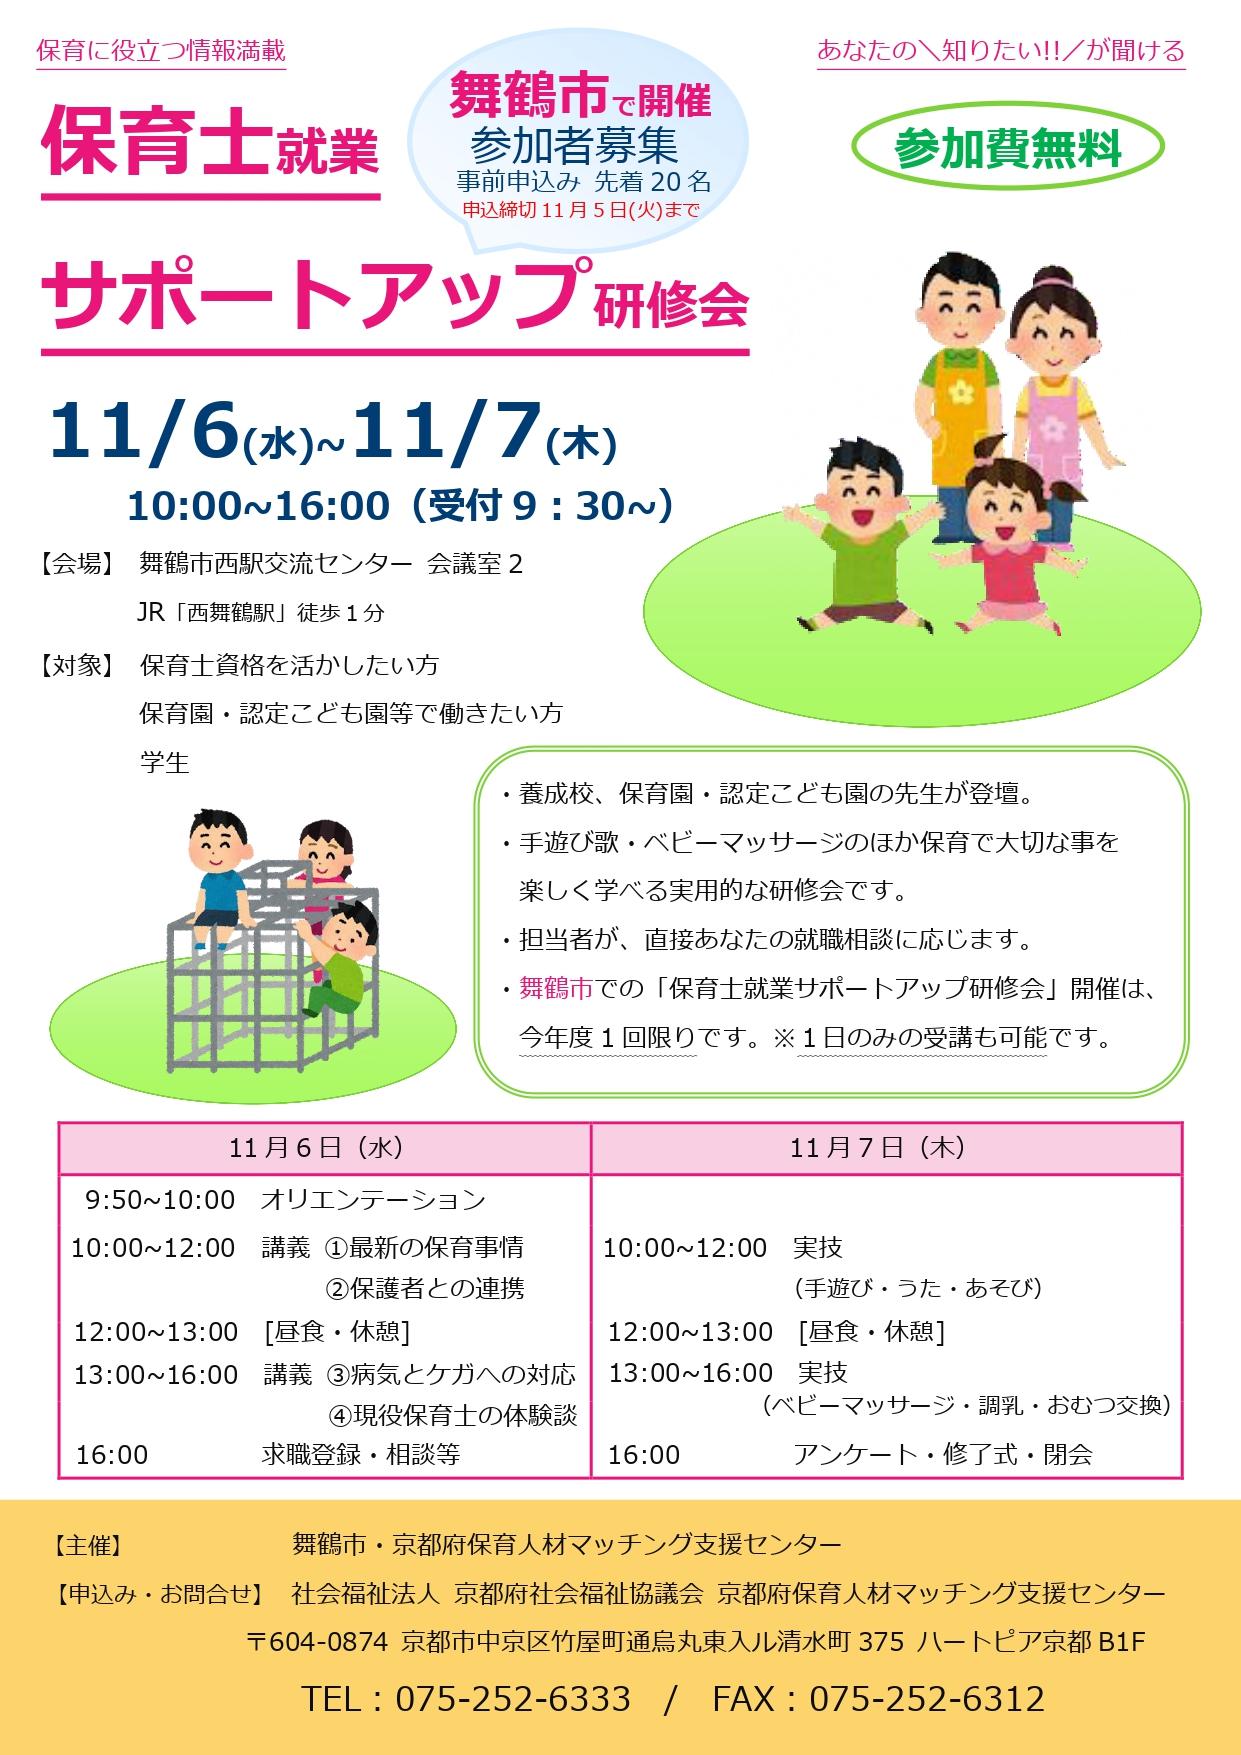 保育士就業サポートアップ研修会 (舞鶴市)